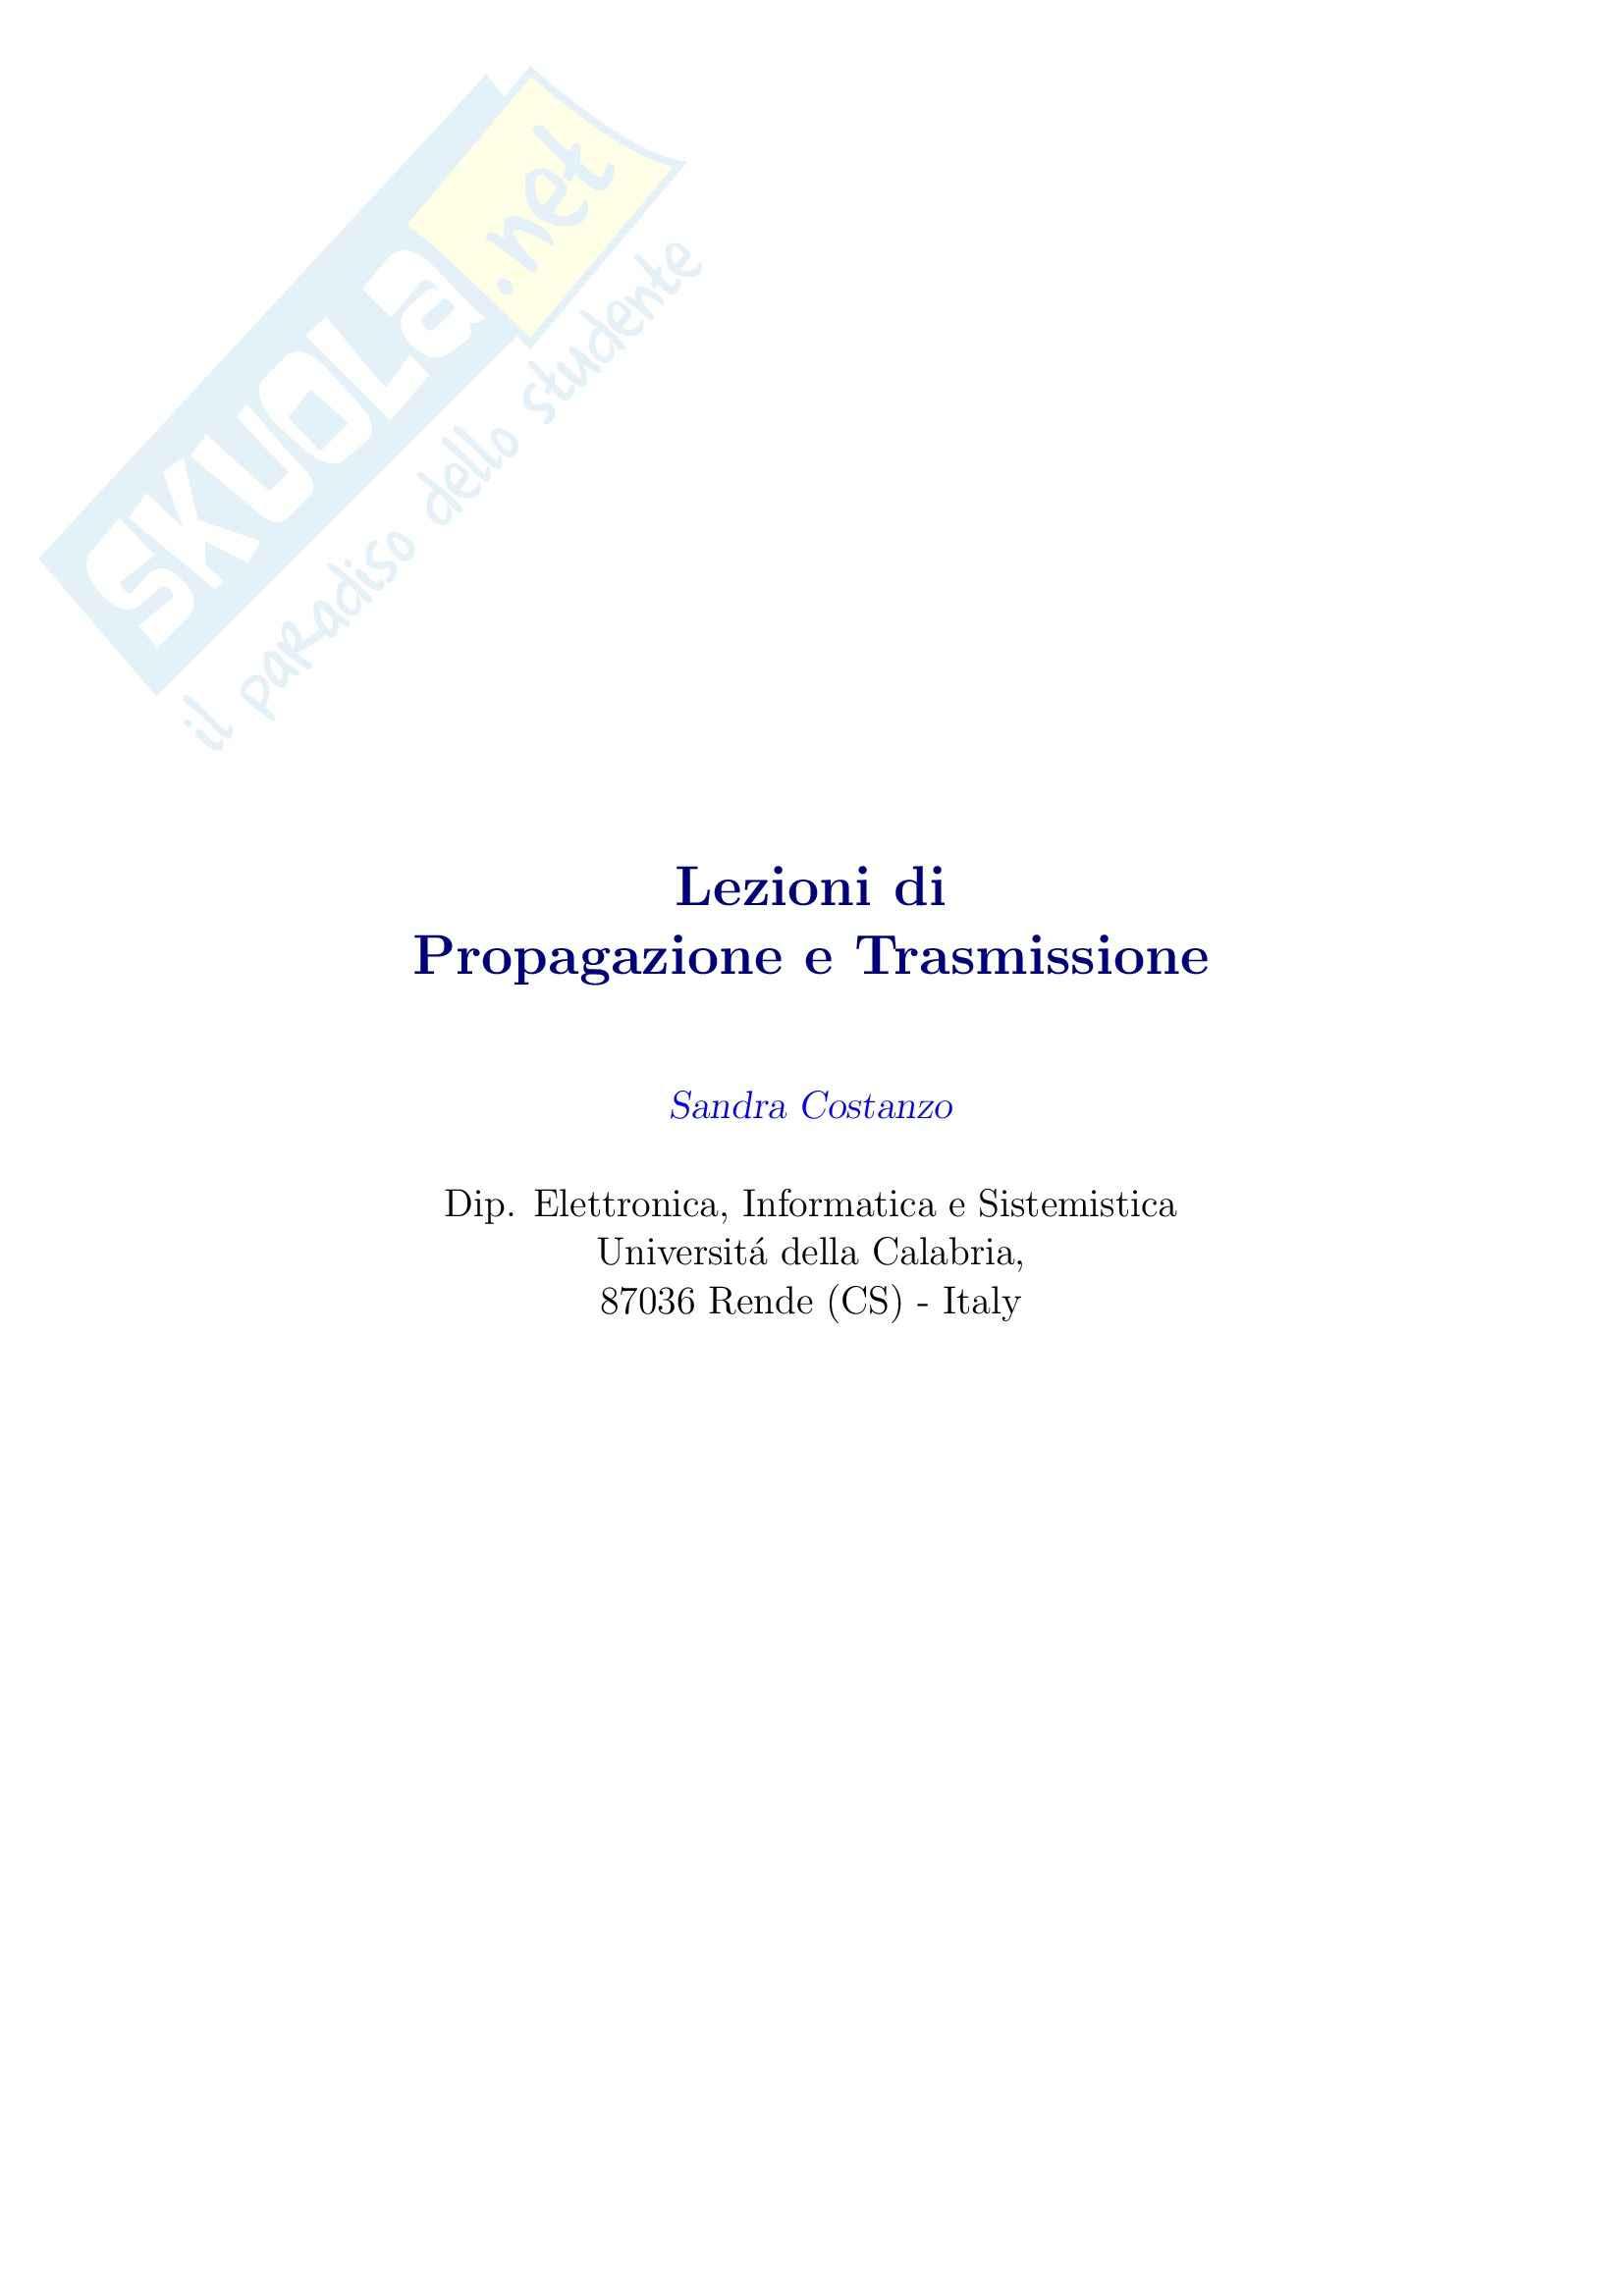 Propagazione e trasmissione - lezioni